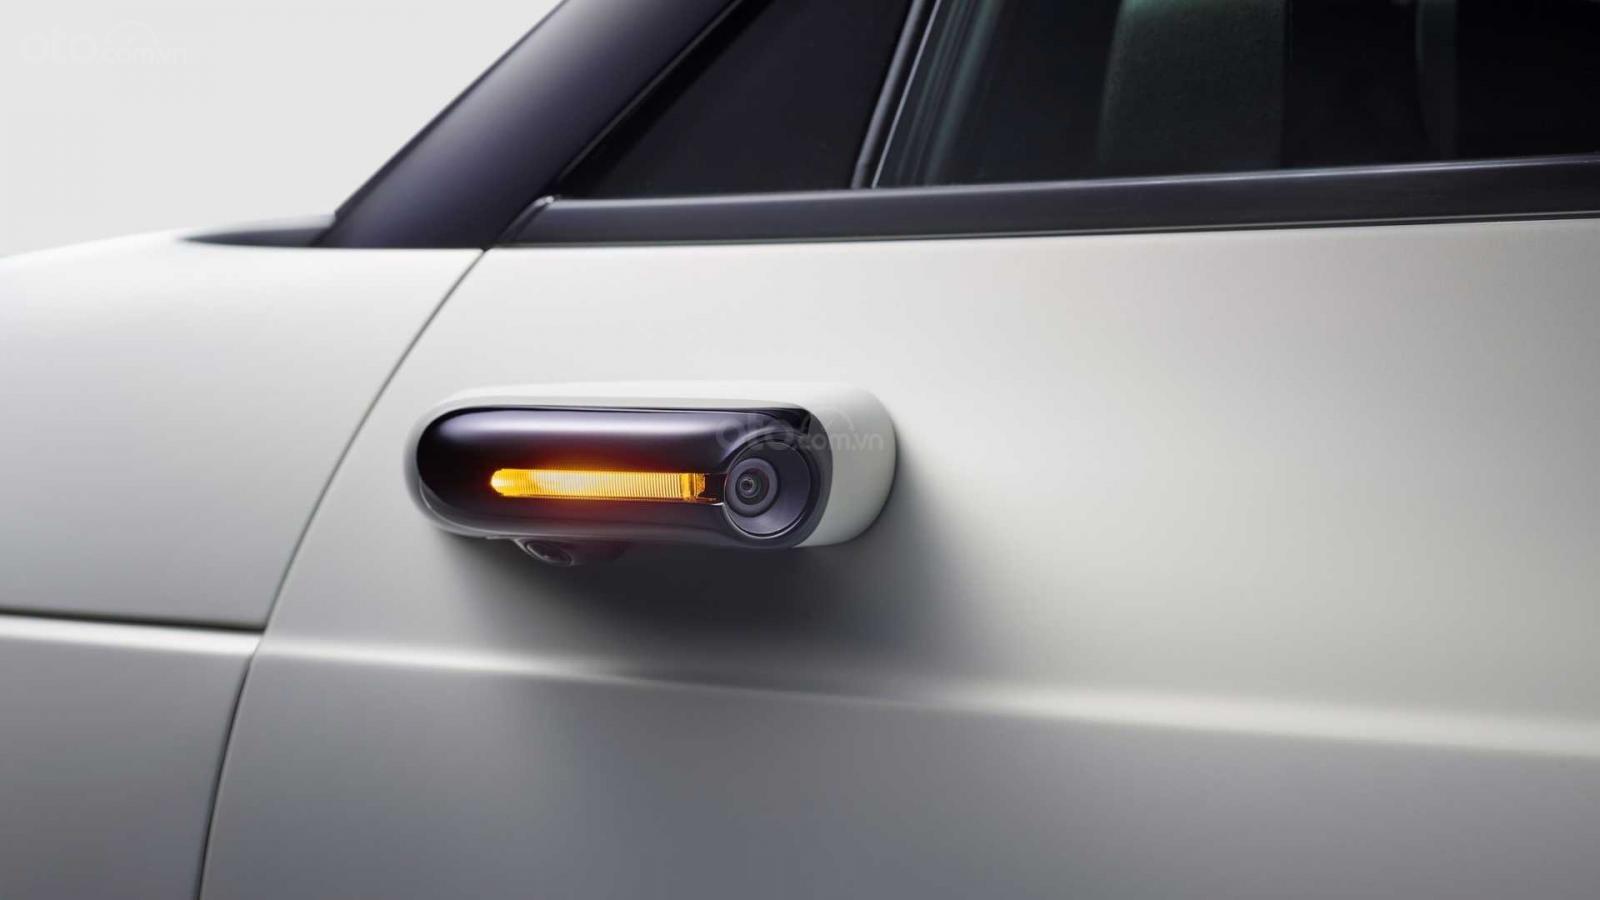 Ô tô điện Honda E gương camera cải thiện tính khí động học